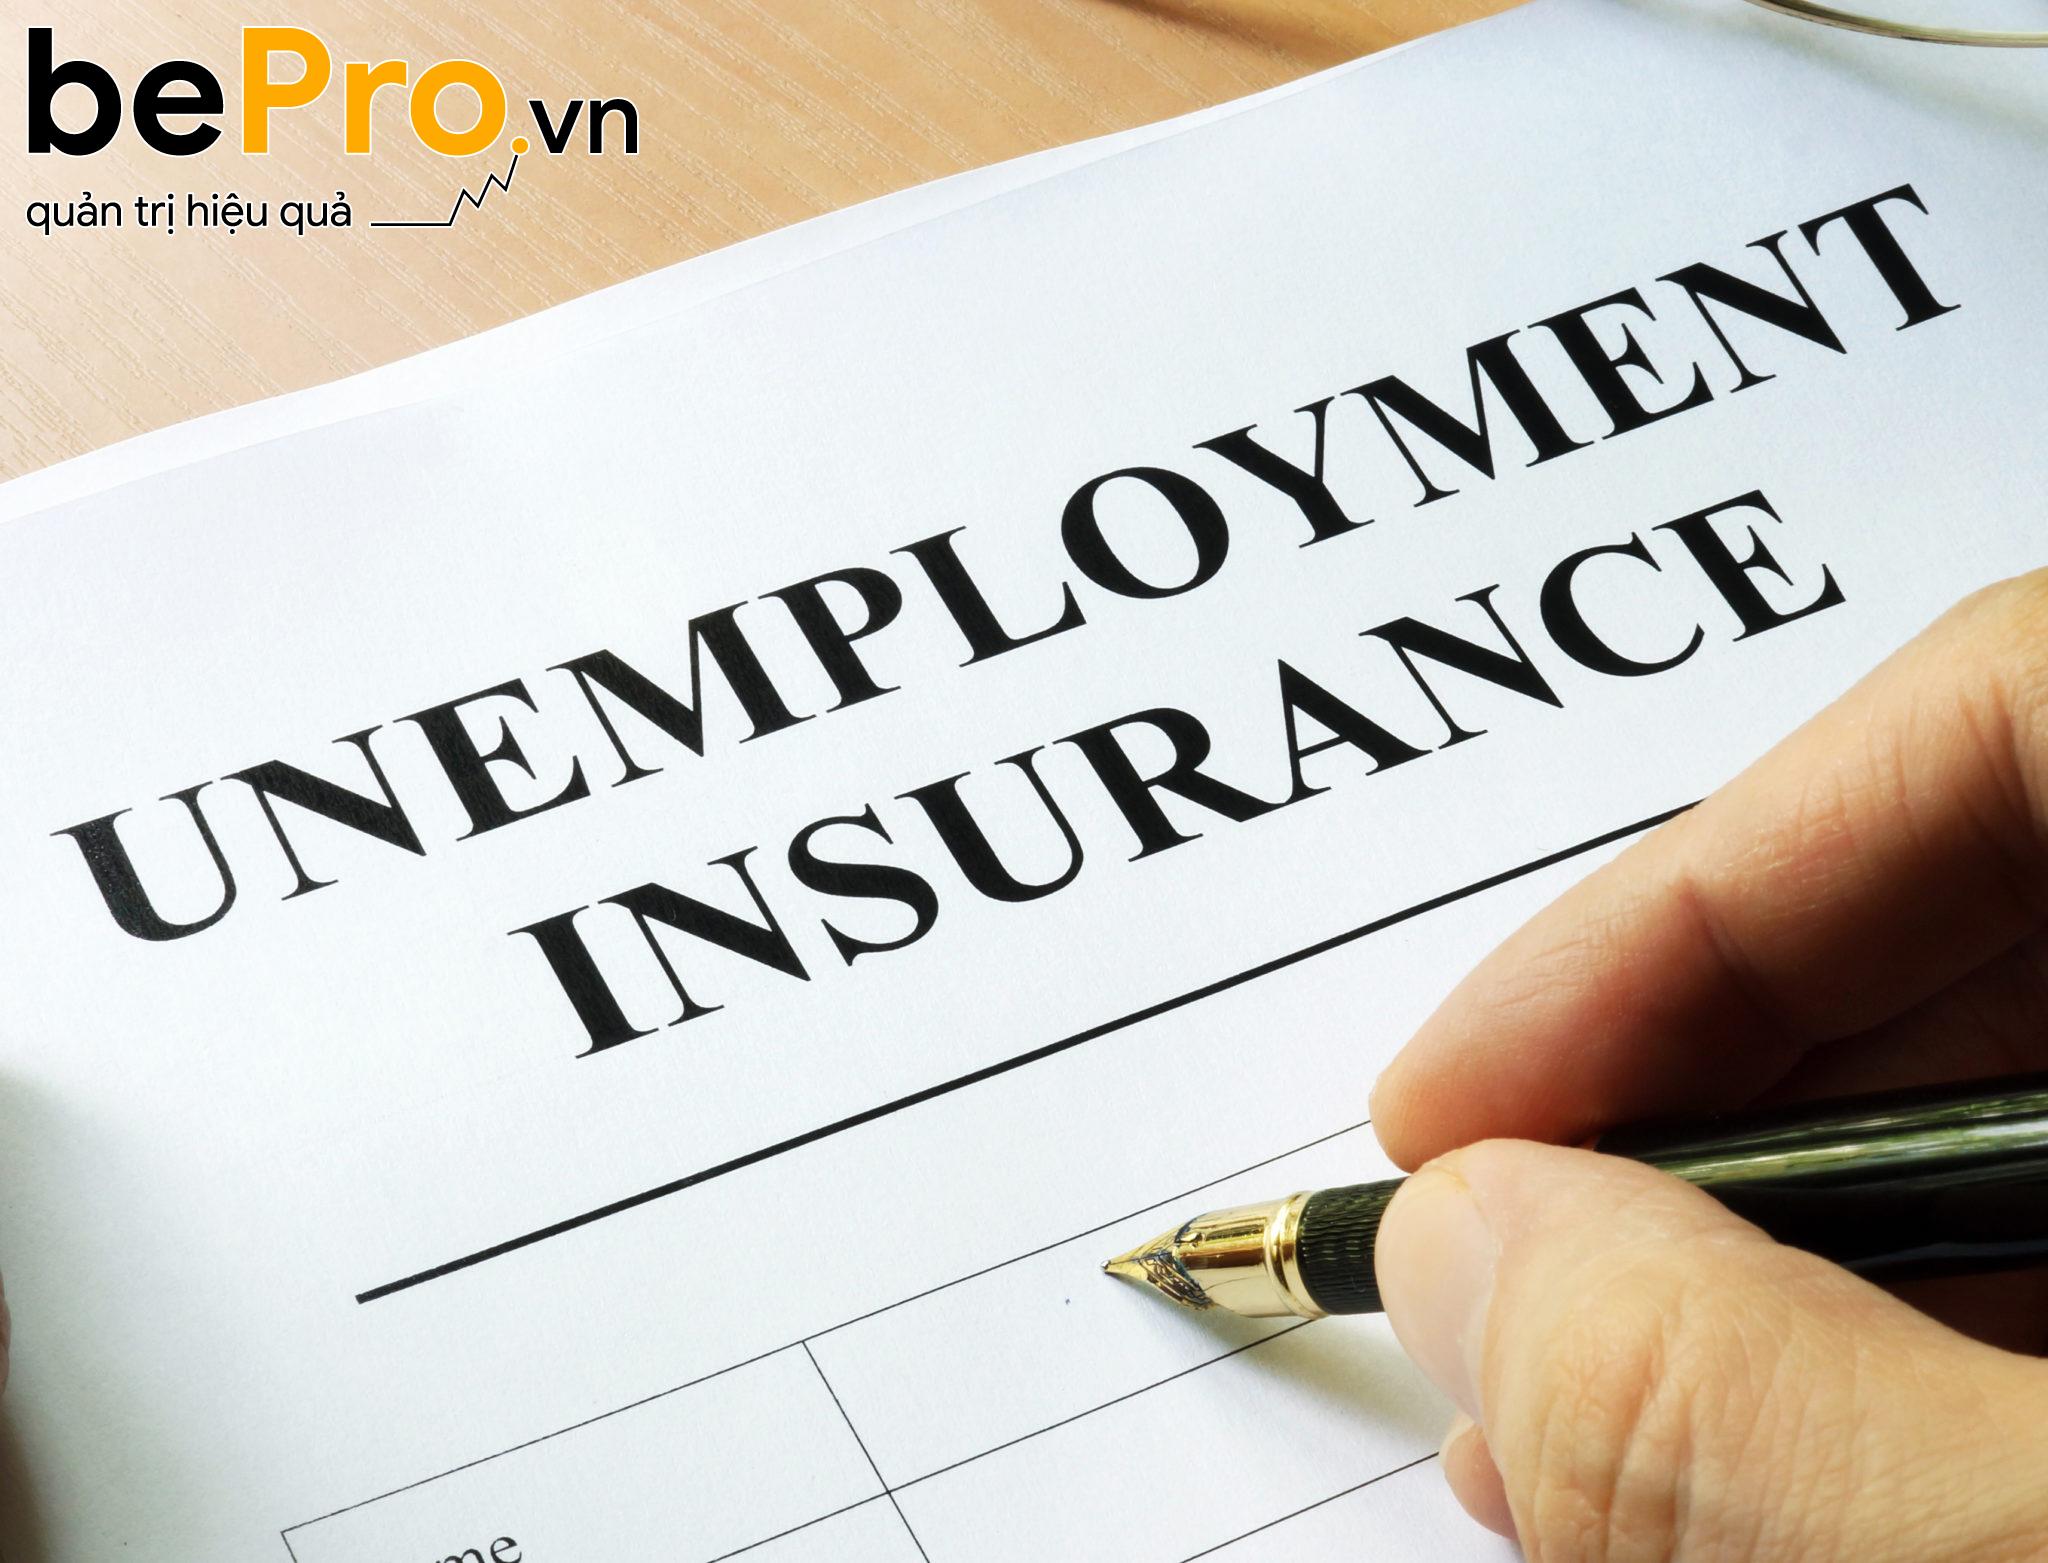 Hồ sơ hưởng bảo hiểm thất nghiệp dành cho người lao động